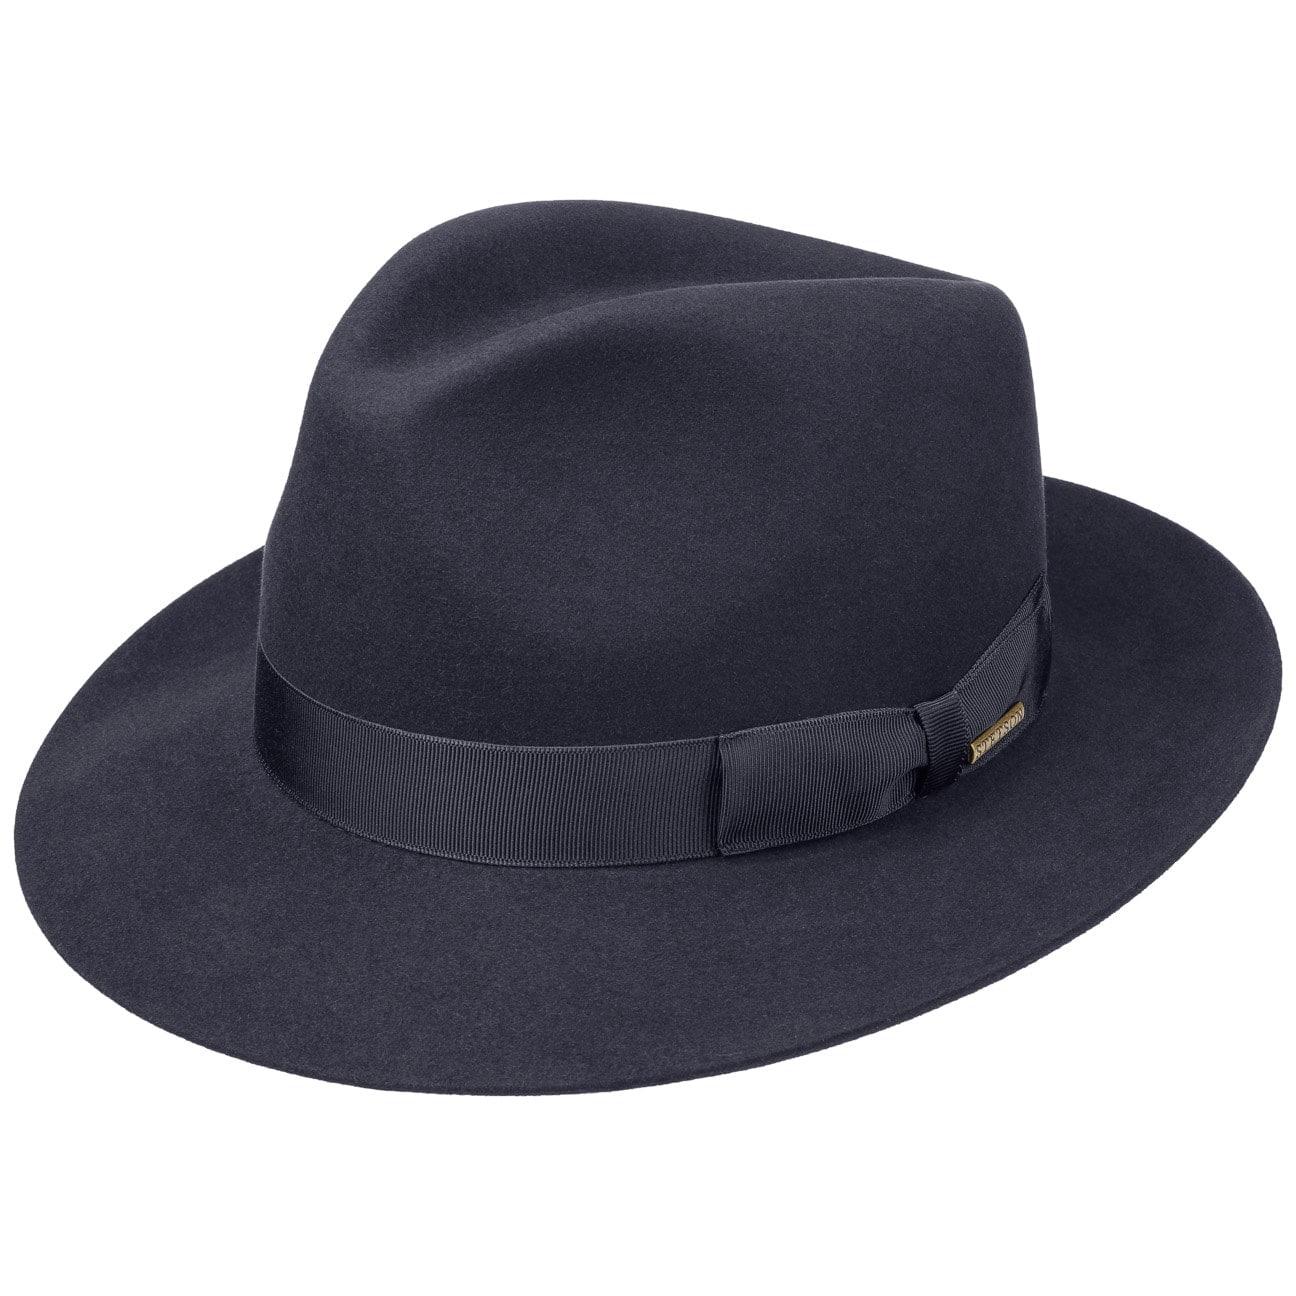 Sombrero Bogart Penn by Stetson